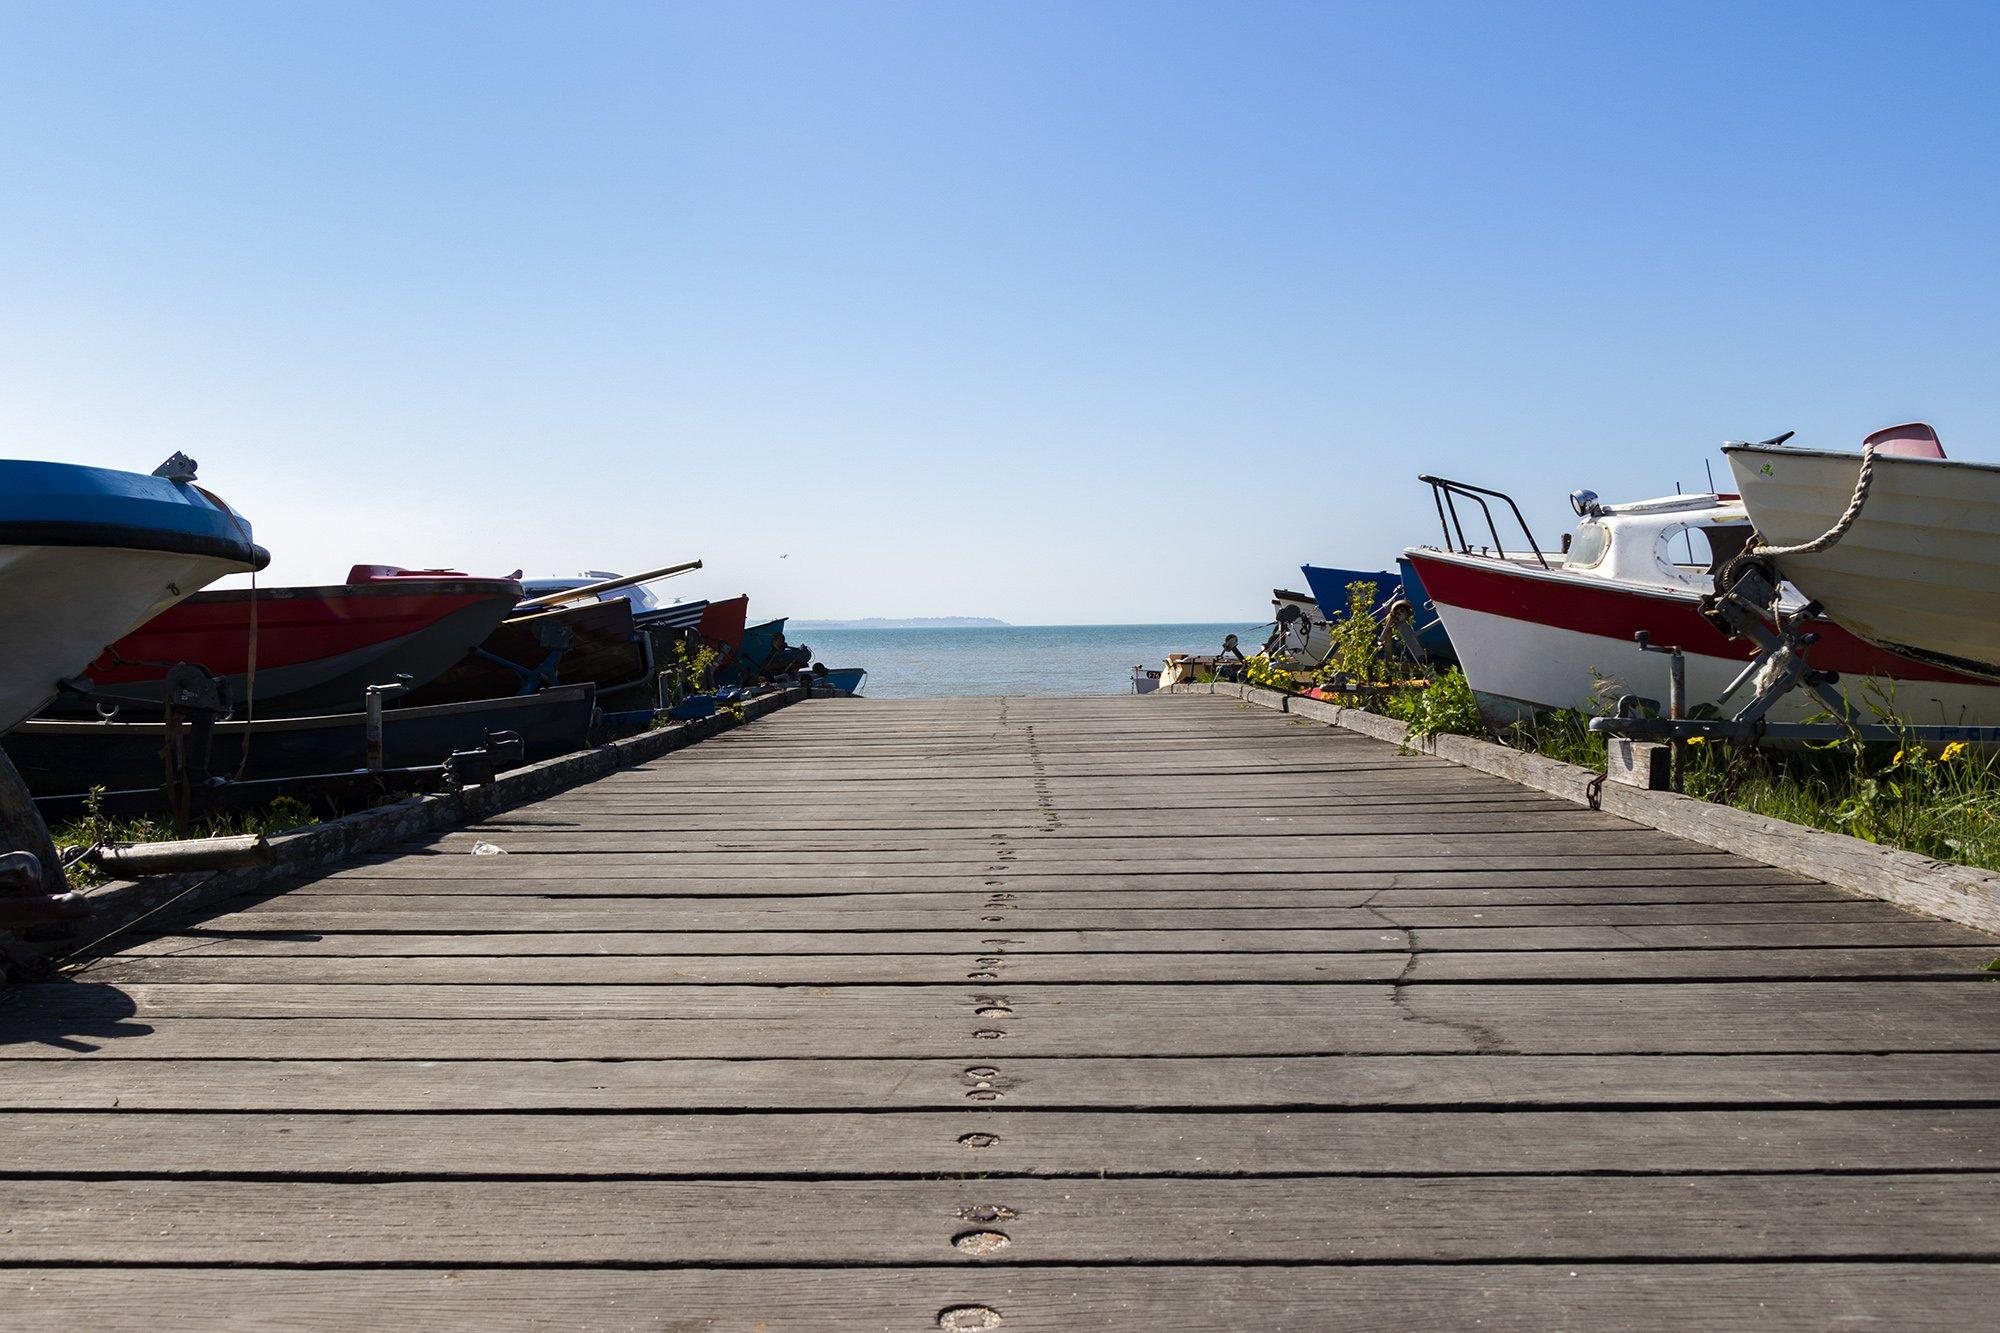 Boardwalk, Whitstable